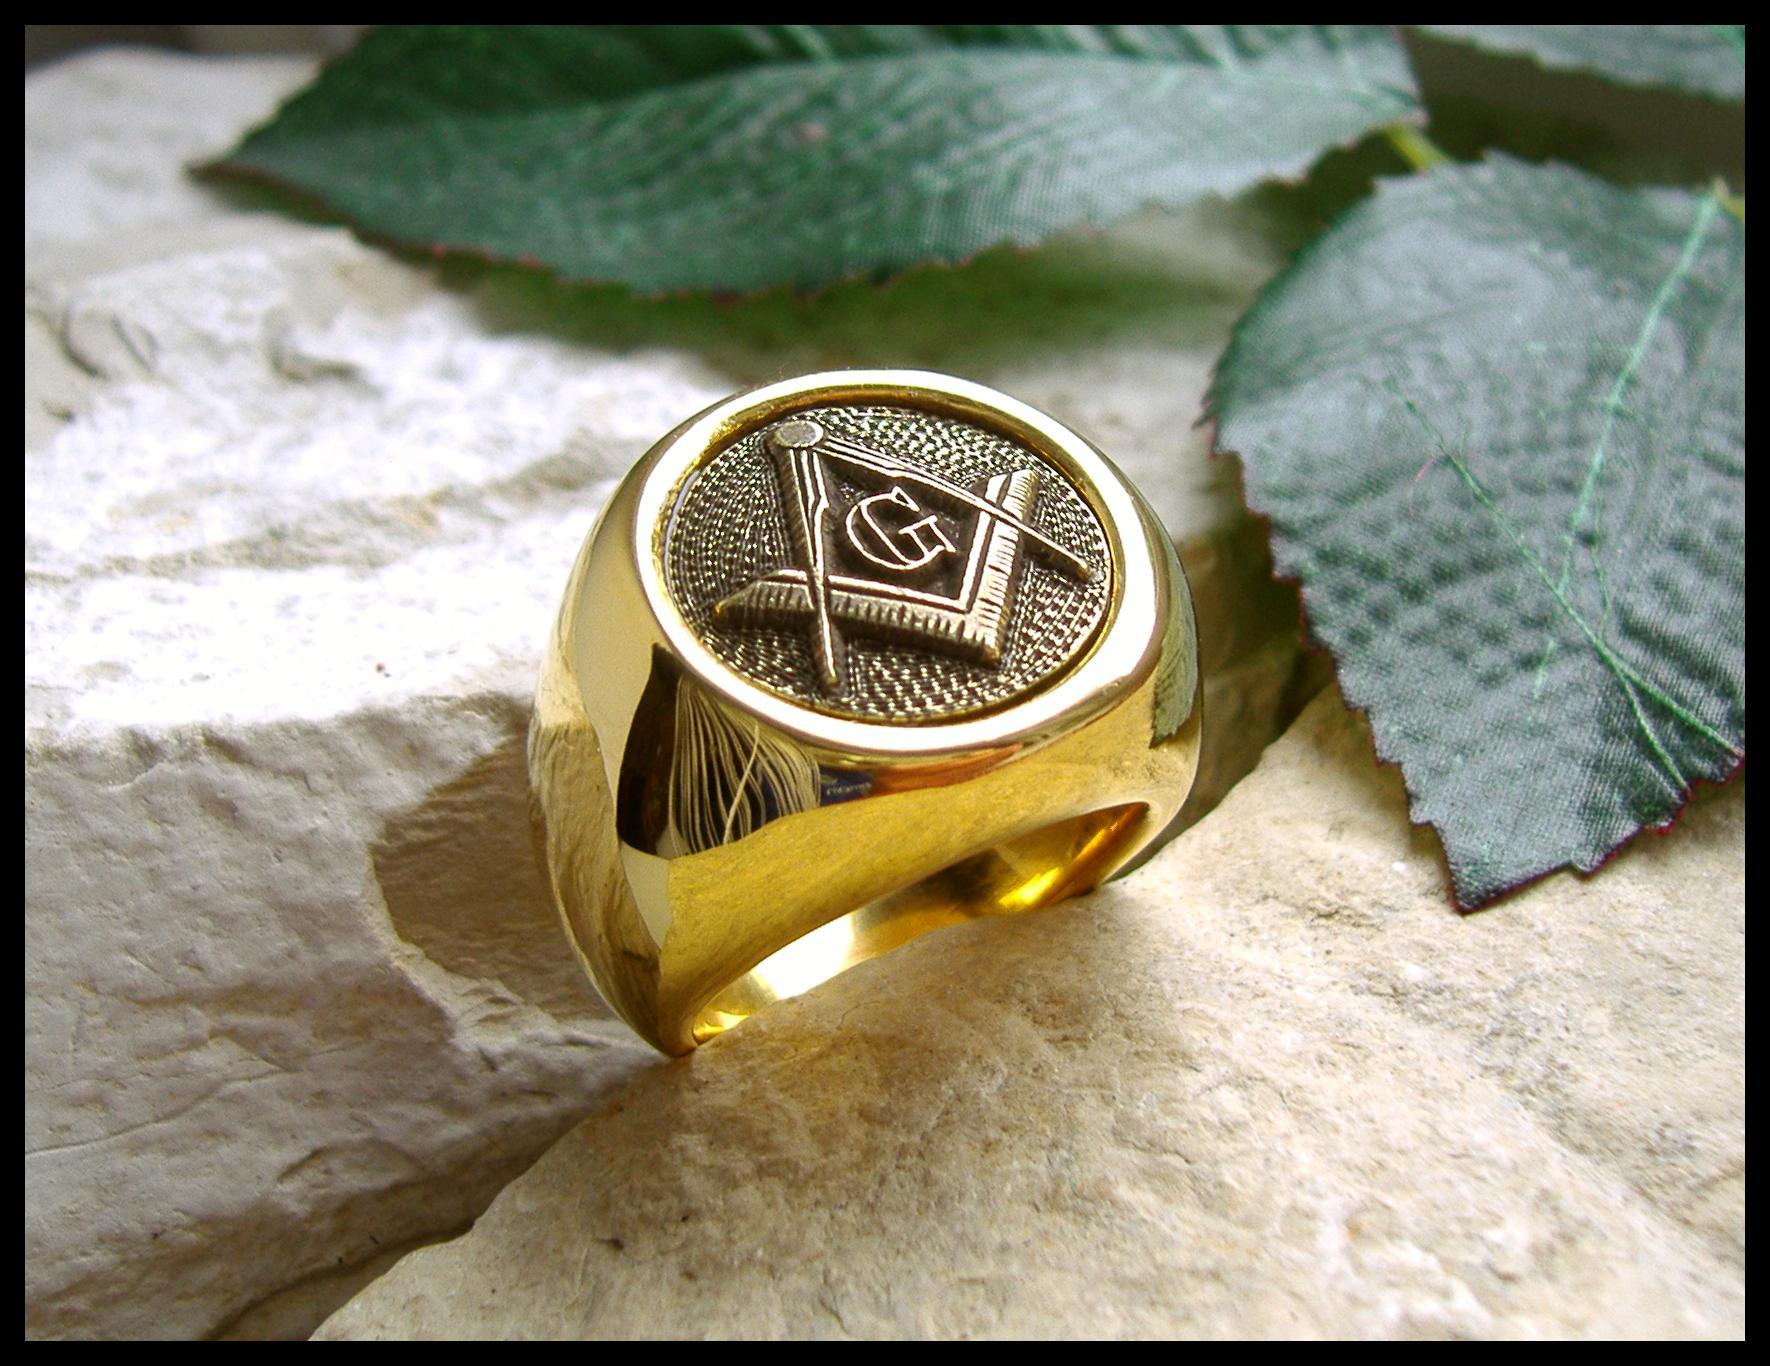 печатка масонов,тайная масонская печать